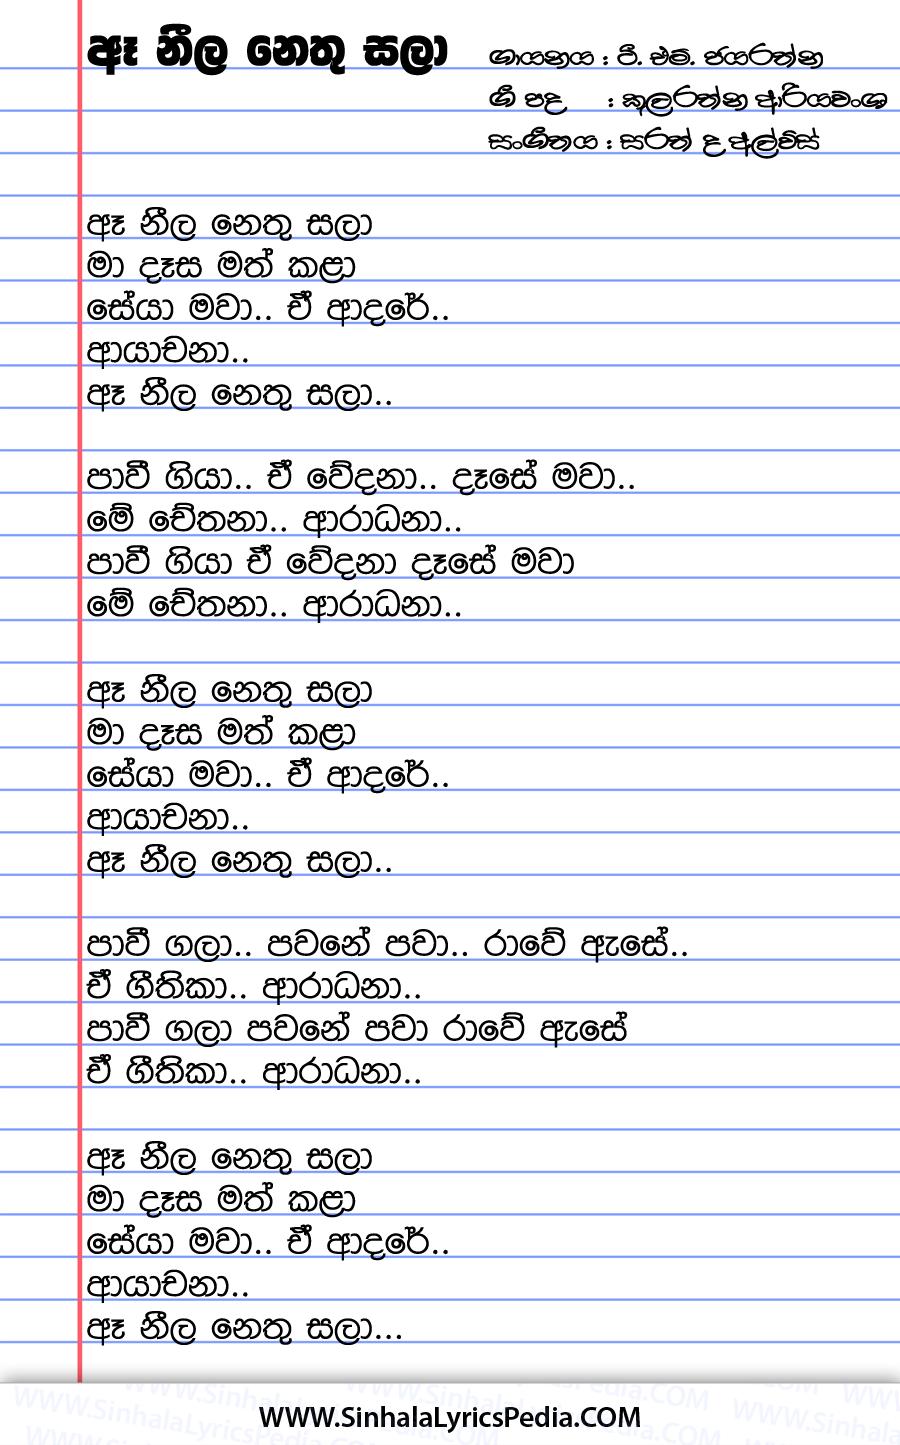 Ae Neela Nethu Sala Song Lyrics